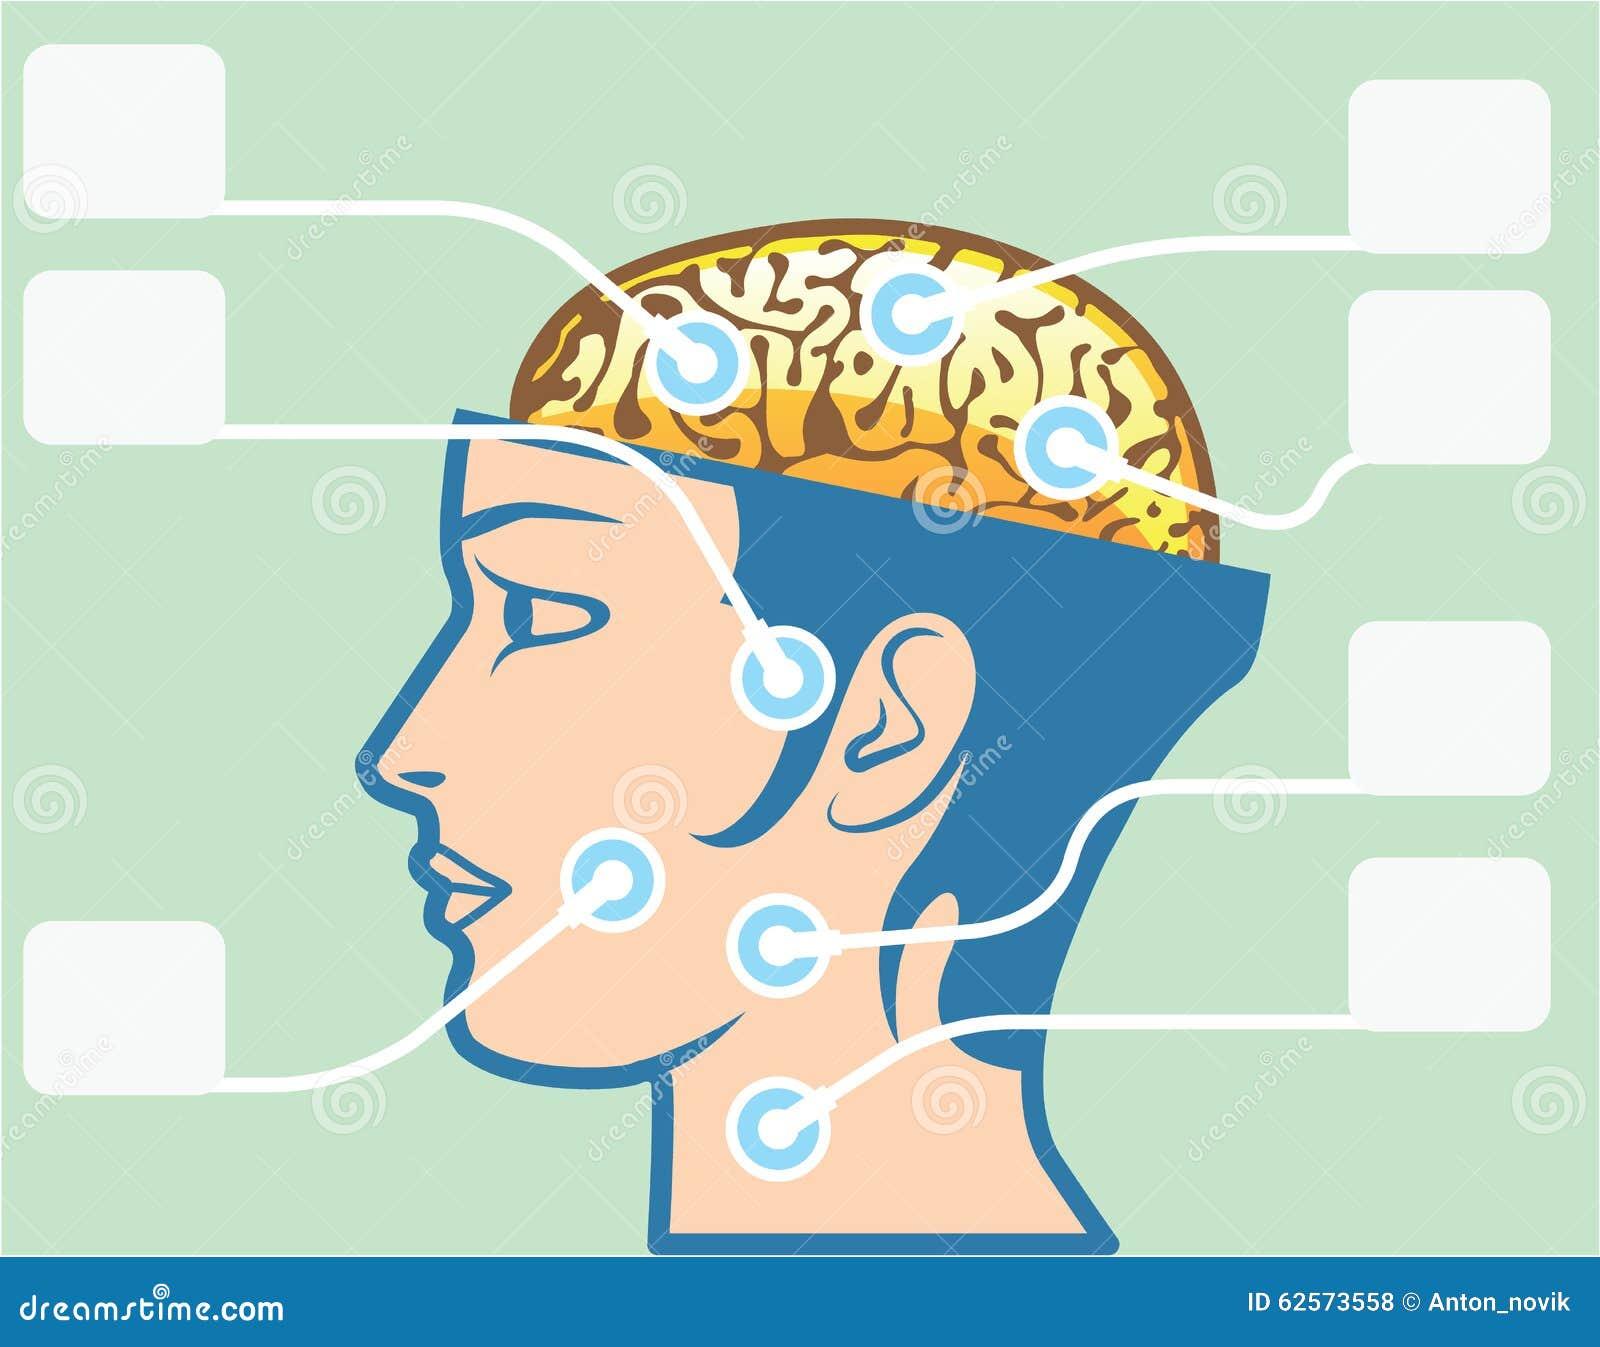 Diagrama De Las Funciones Del Cerebro Y De La Cabeza Ilustración del ...